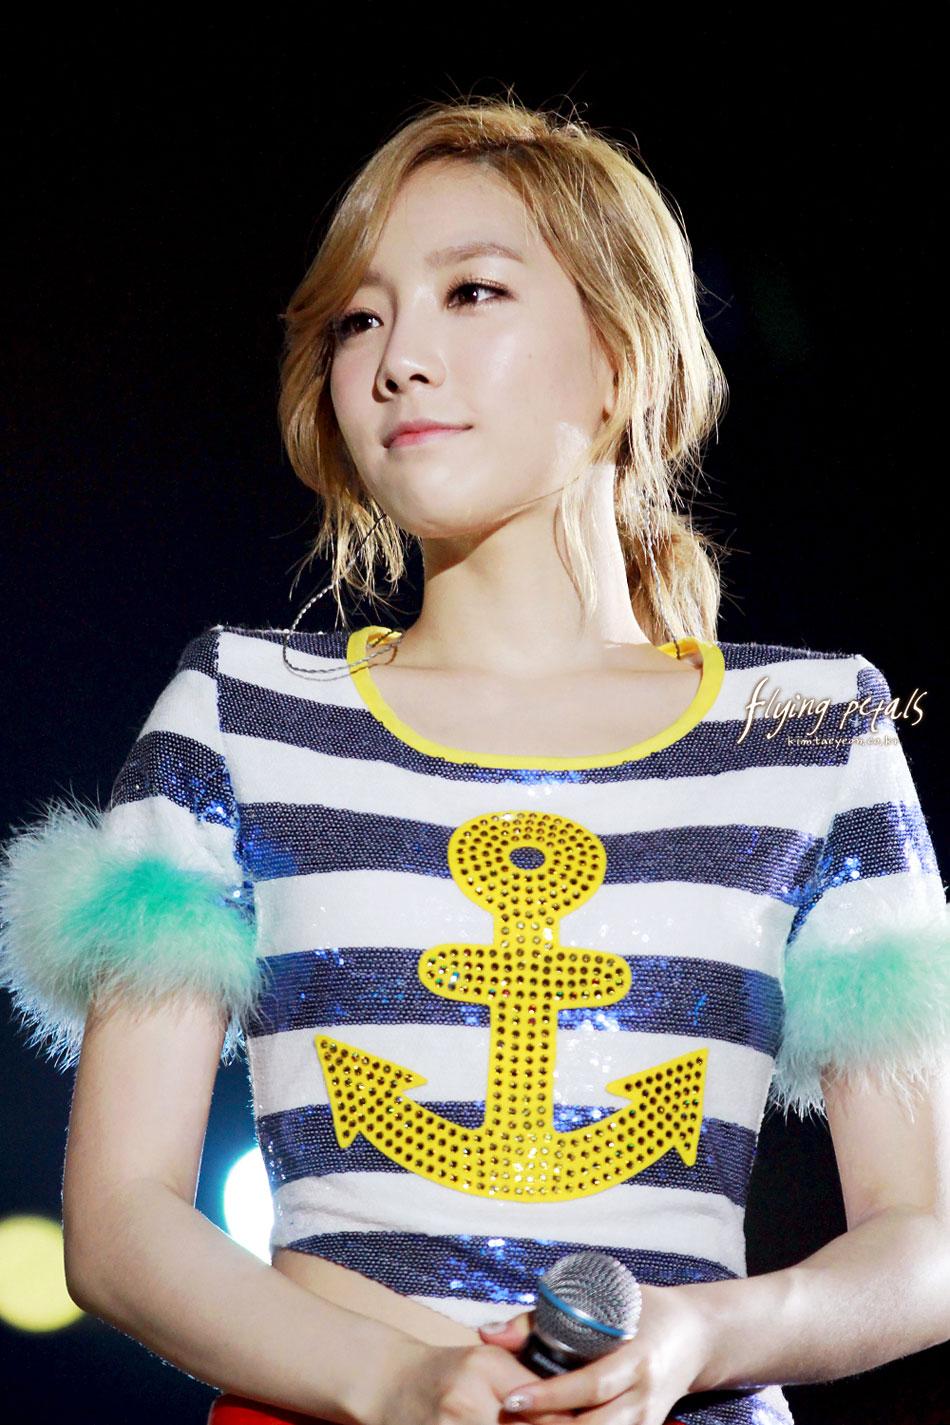 Taeyeon focus @ Hong Kong Concert 2012